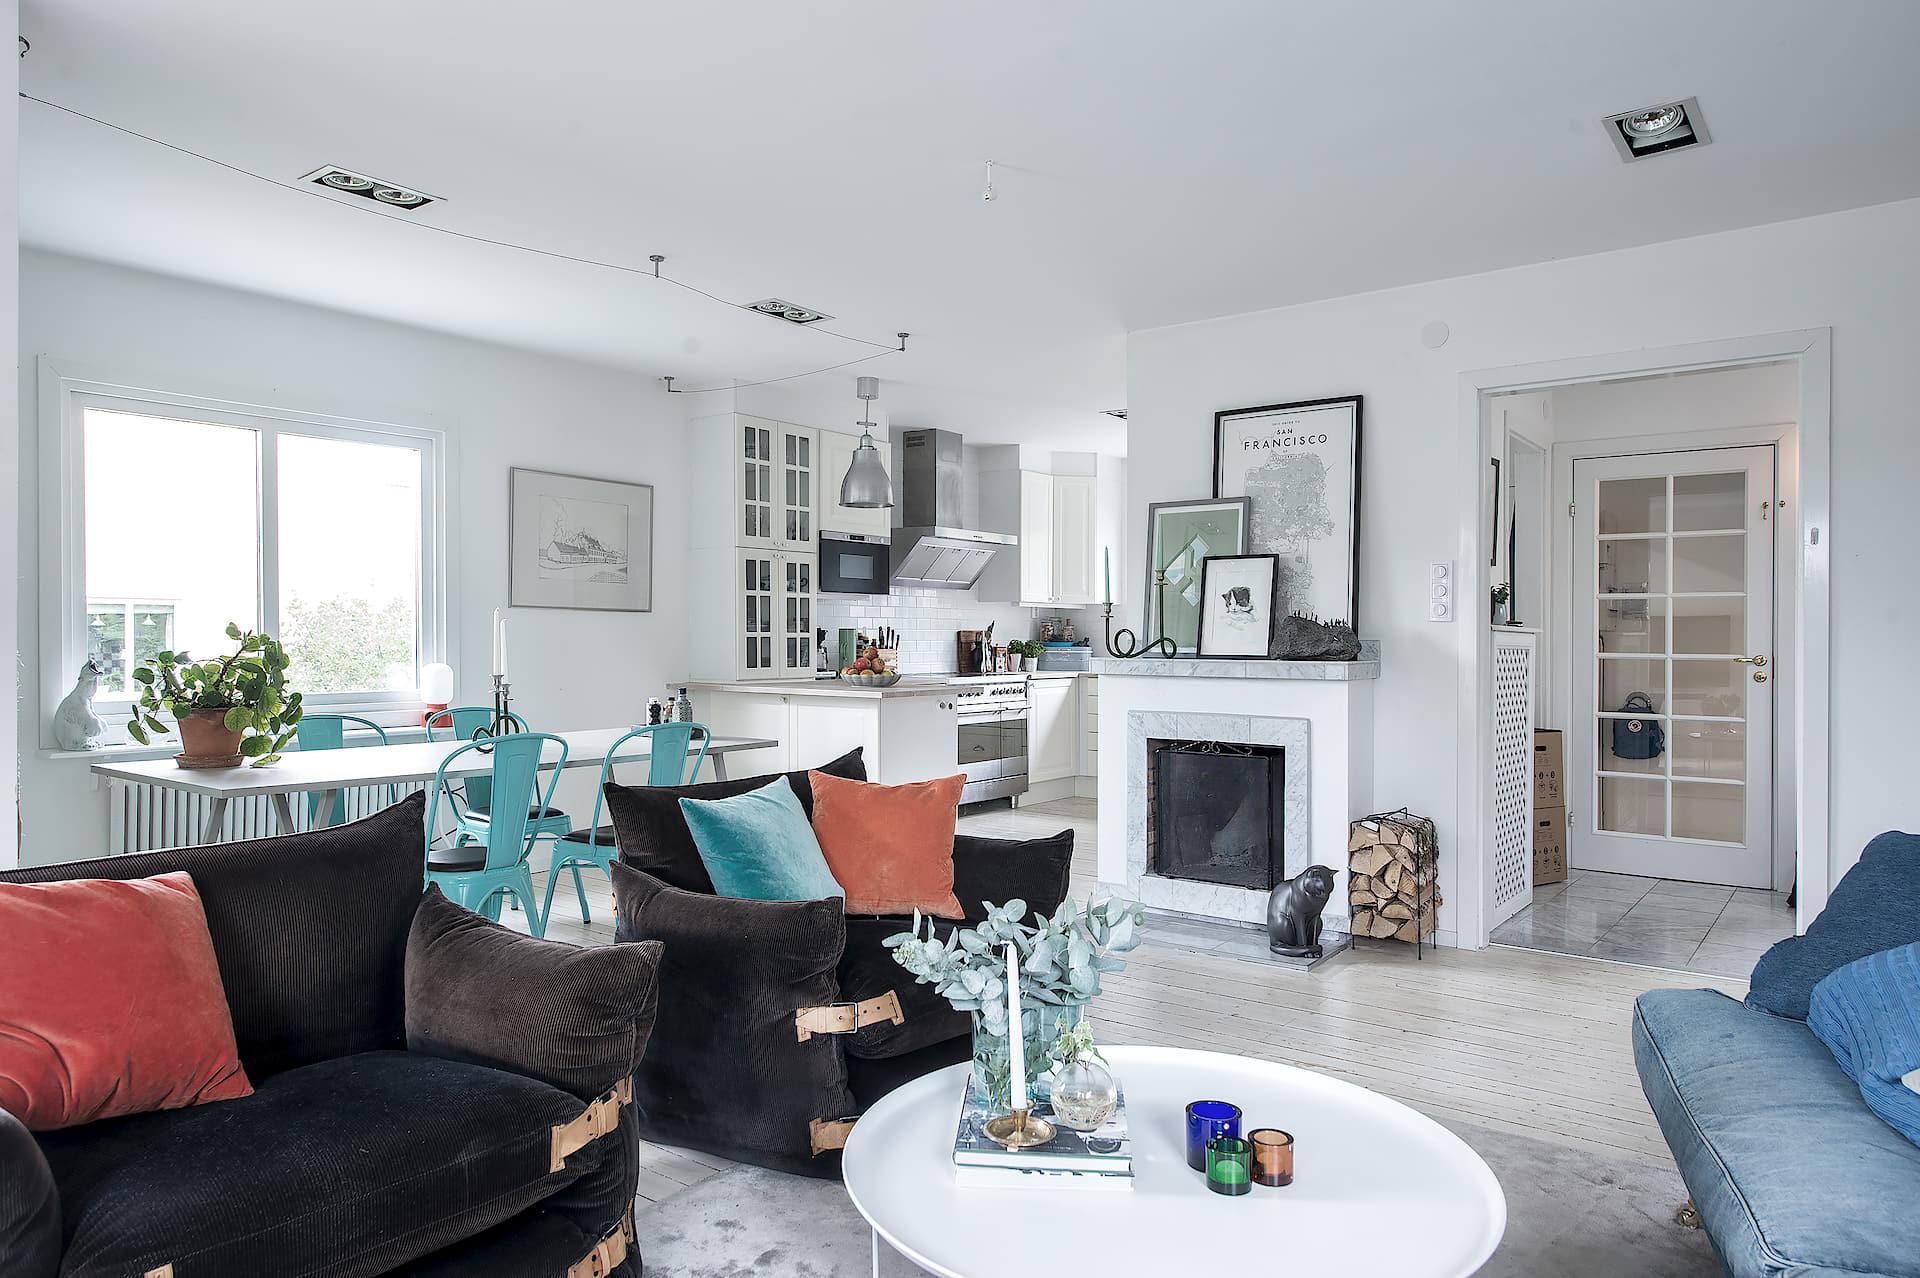 гостиная мягкая мебель камин дрова столовая кухня